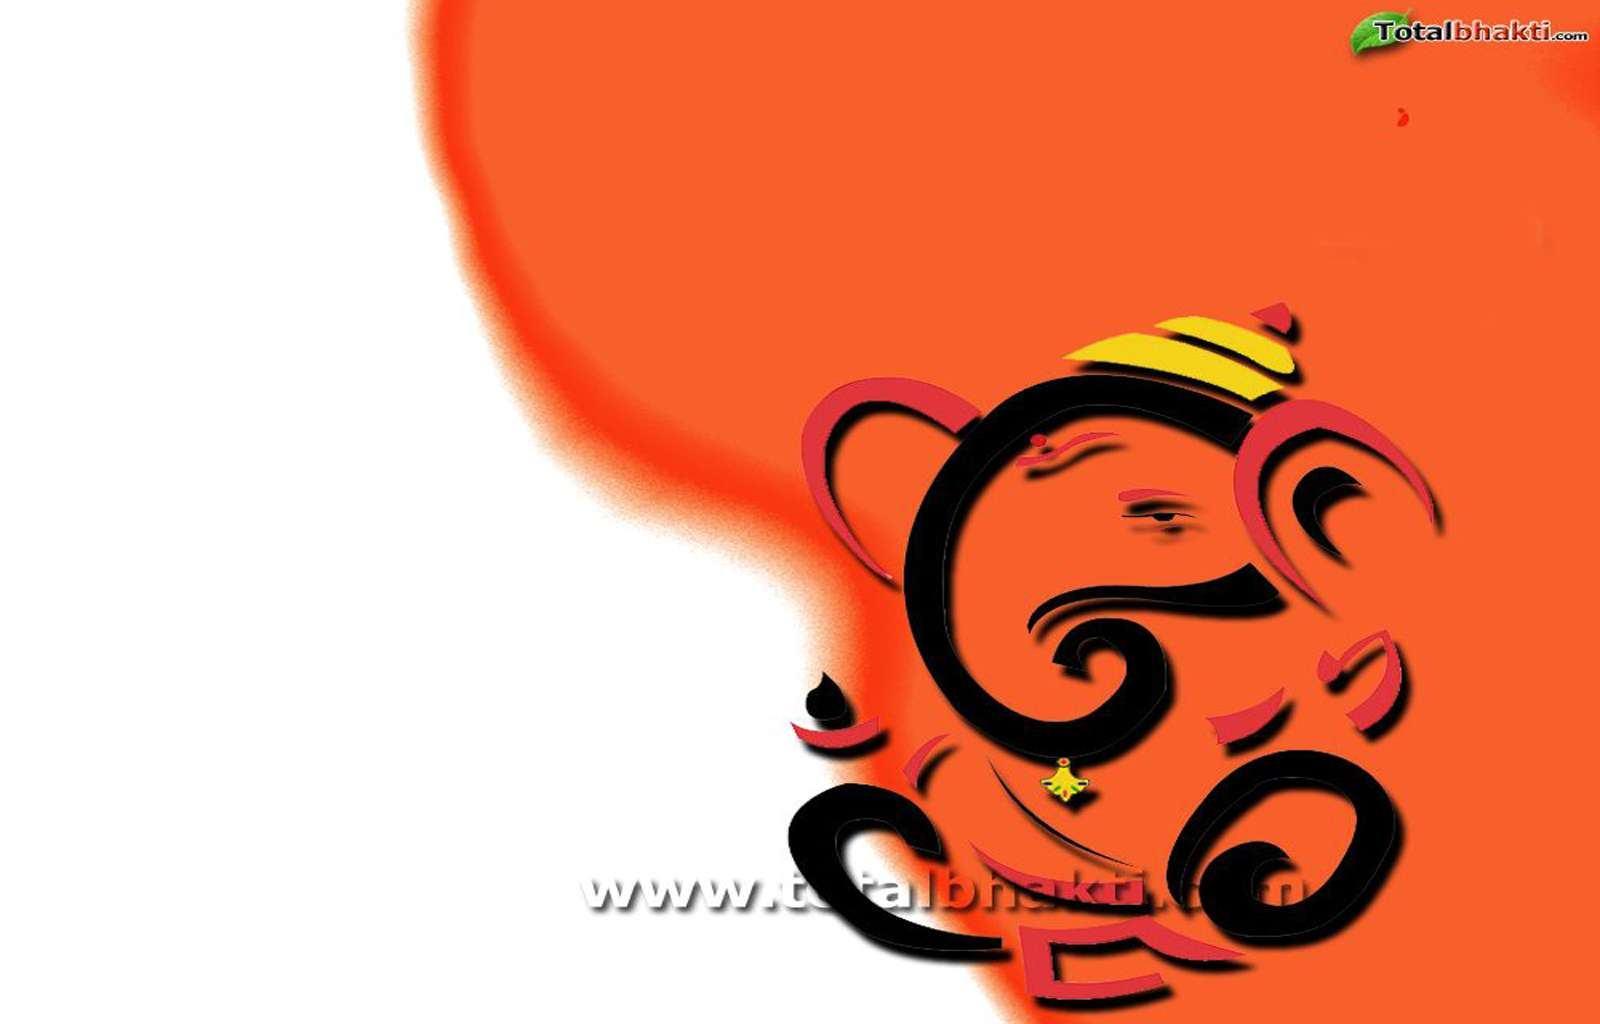 Ganesh wallpapers for desktop wallpapersafari - Wallpaper 1600x1024 ...